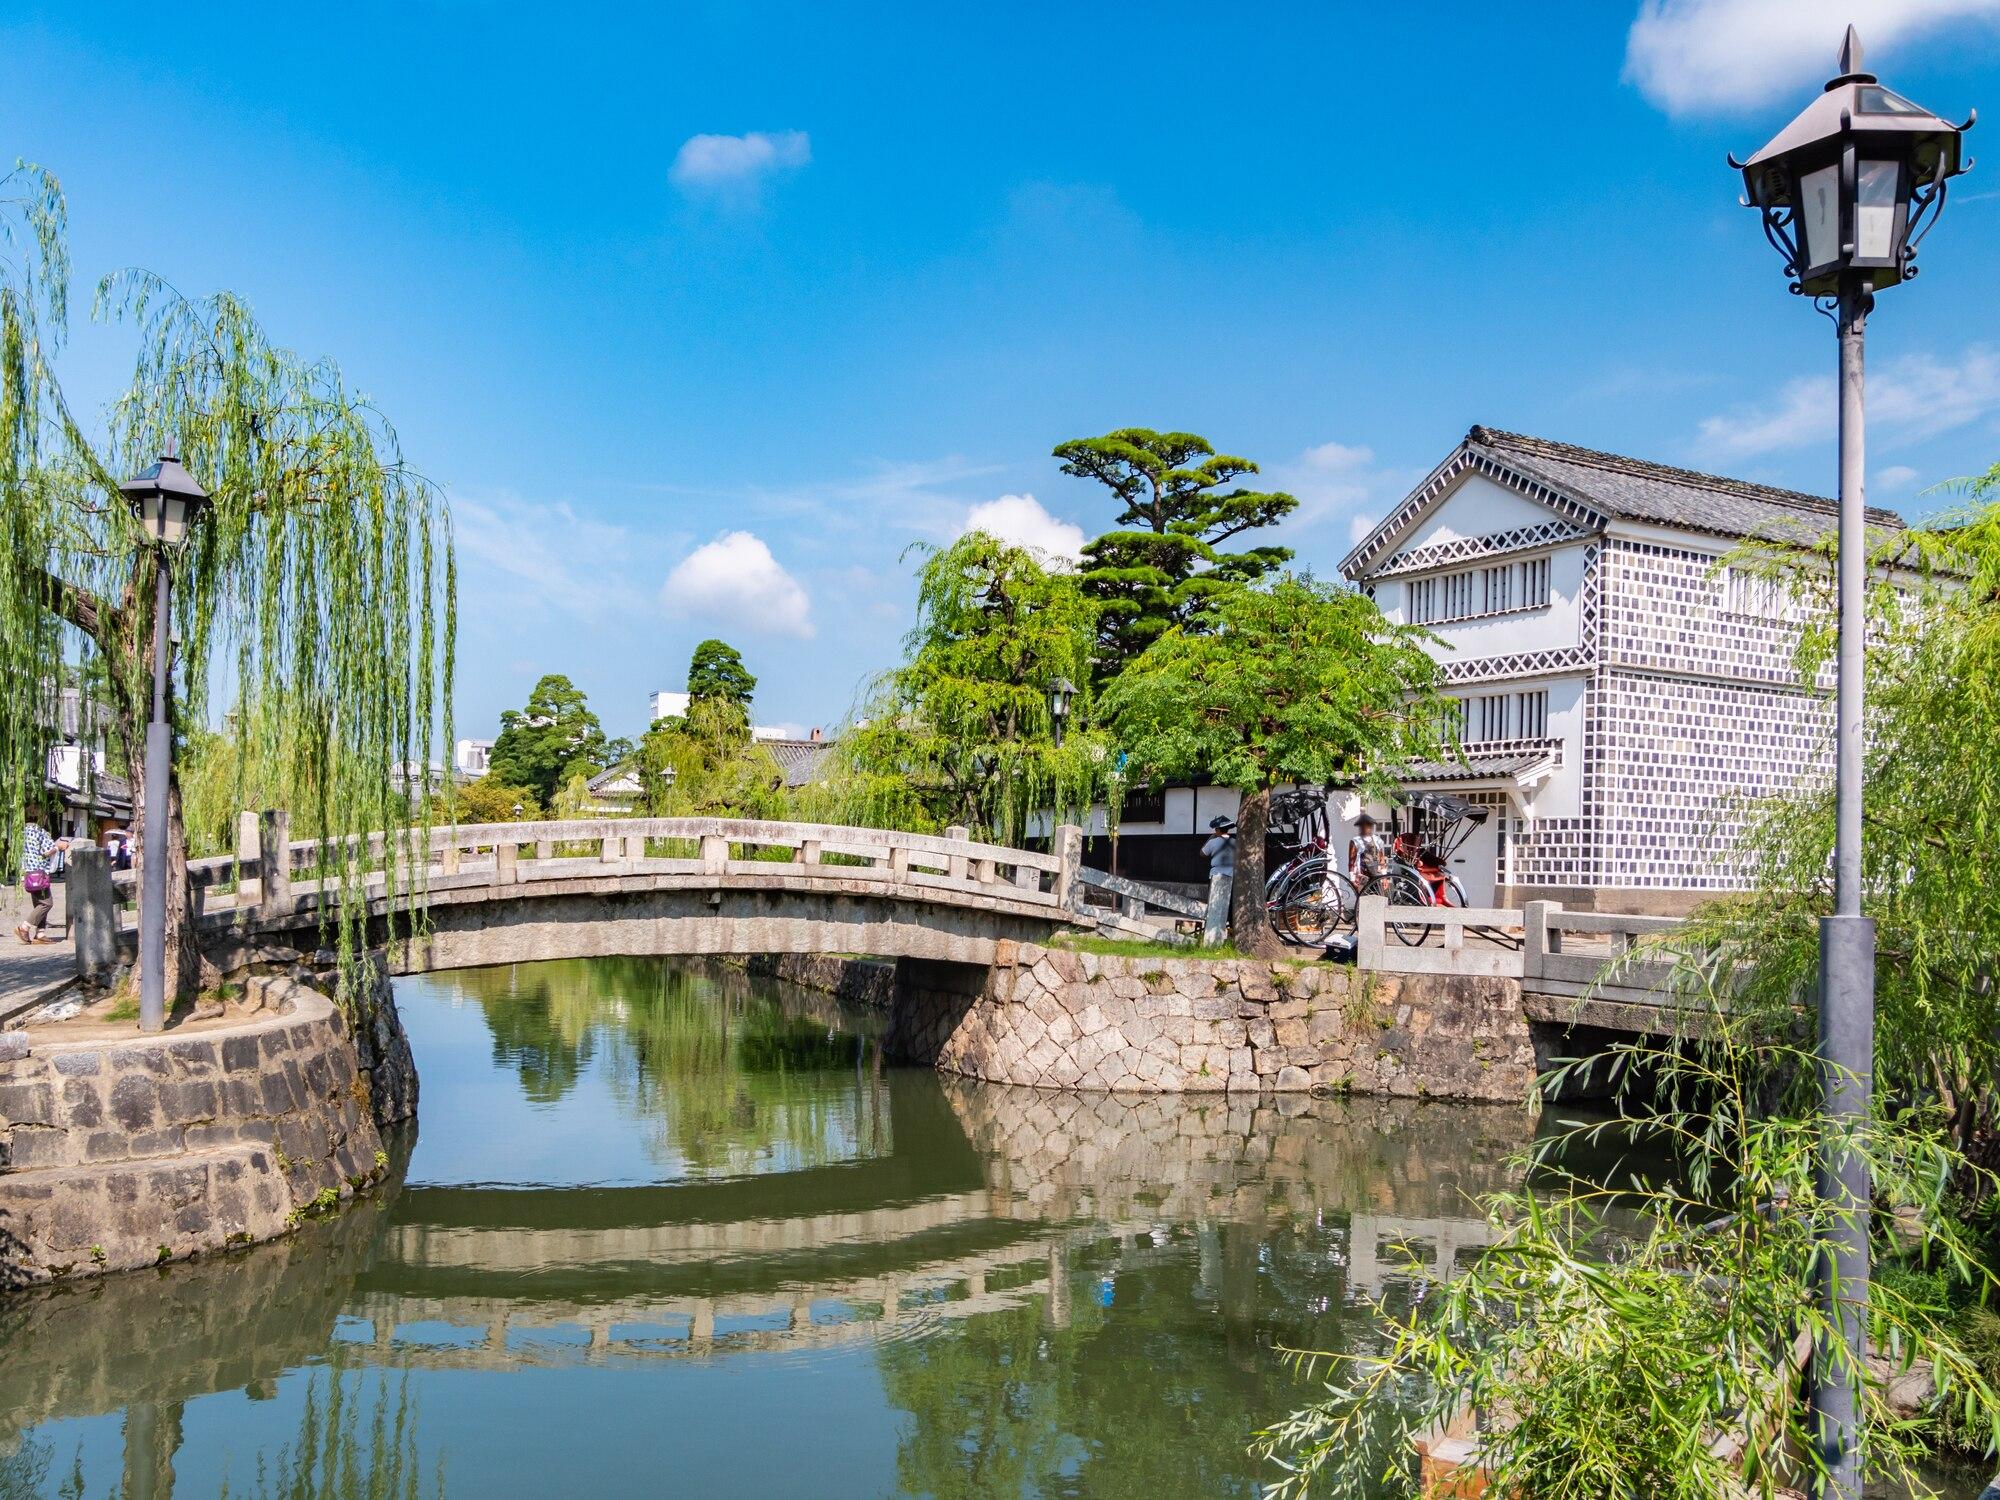 岡山県観光の定番エリア!倉敷美観地区のおすすめスポットを完全網羅!